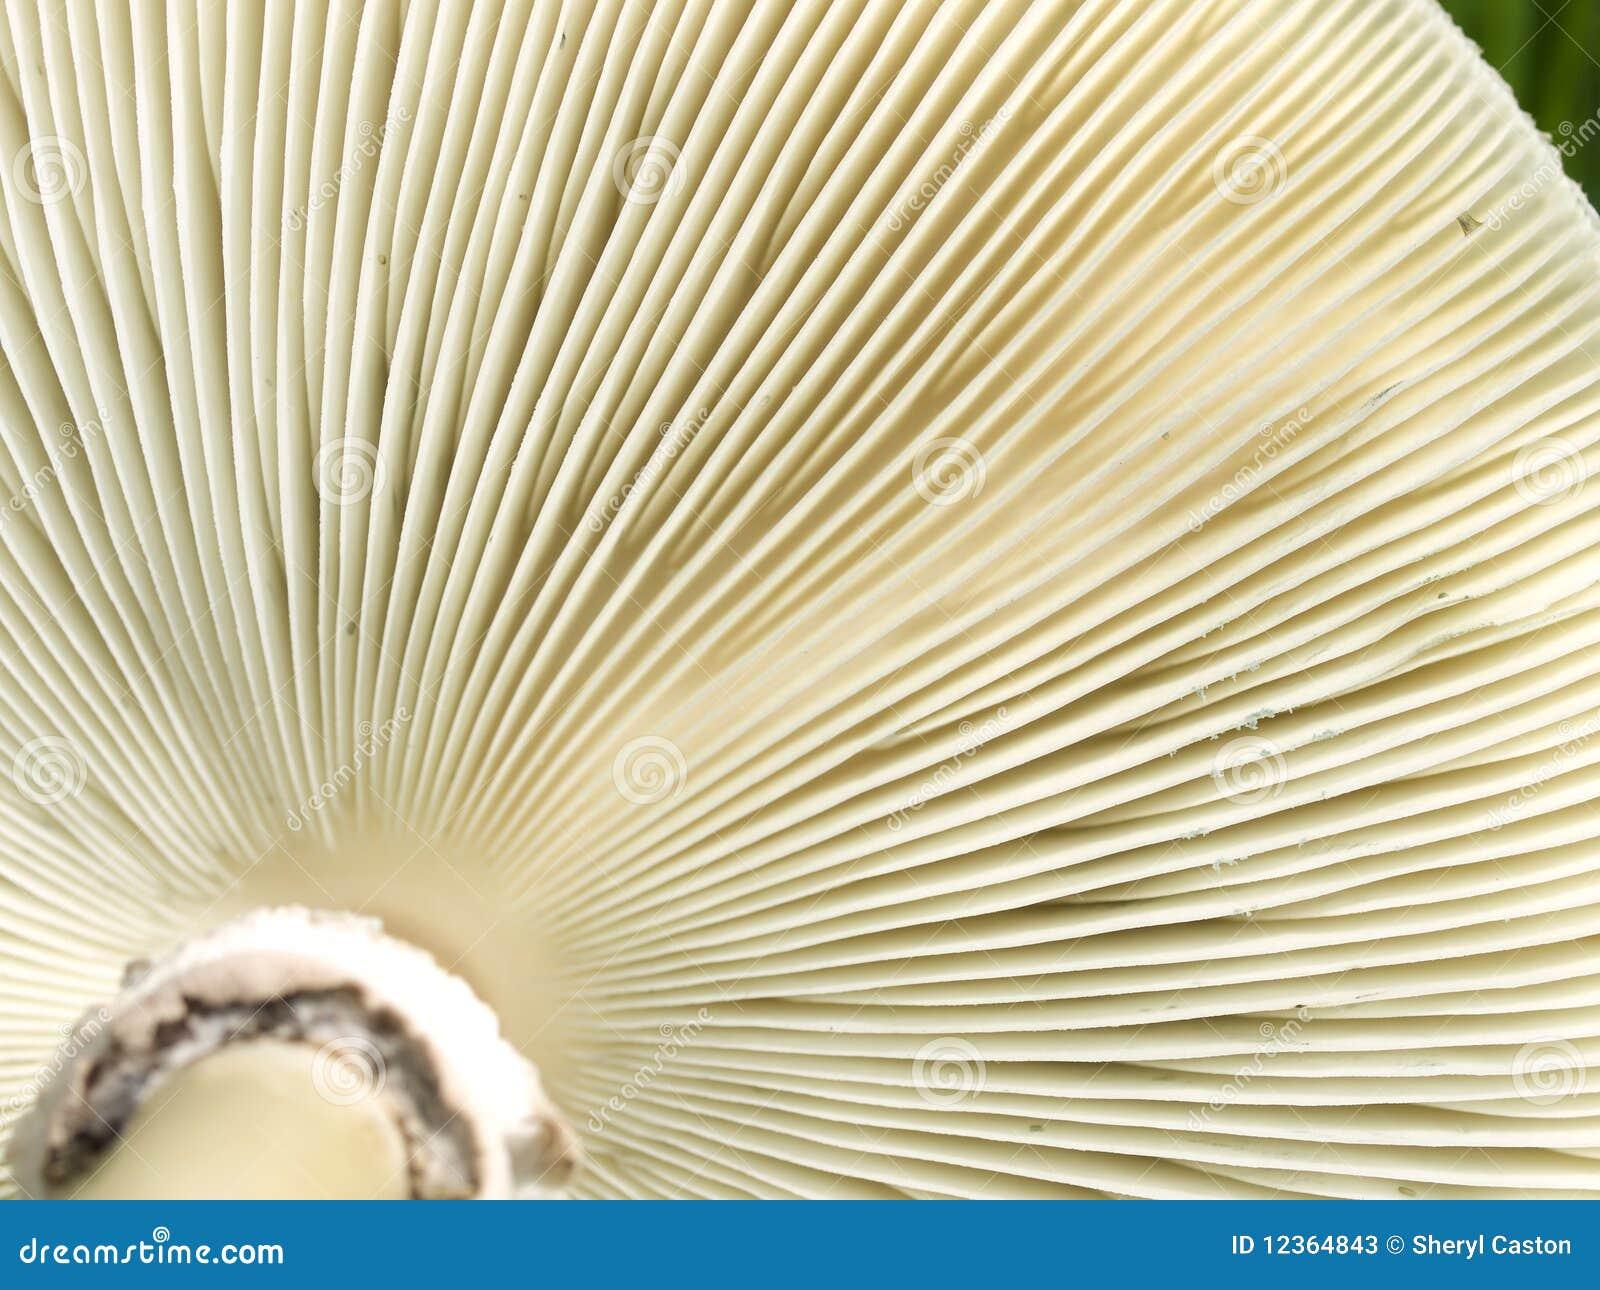 Brânquias do lado de baixo da textura dos fungos de cogumelo